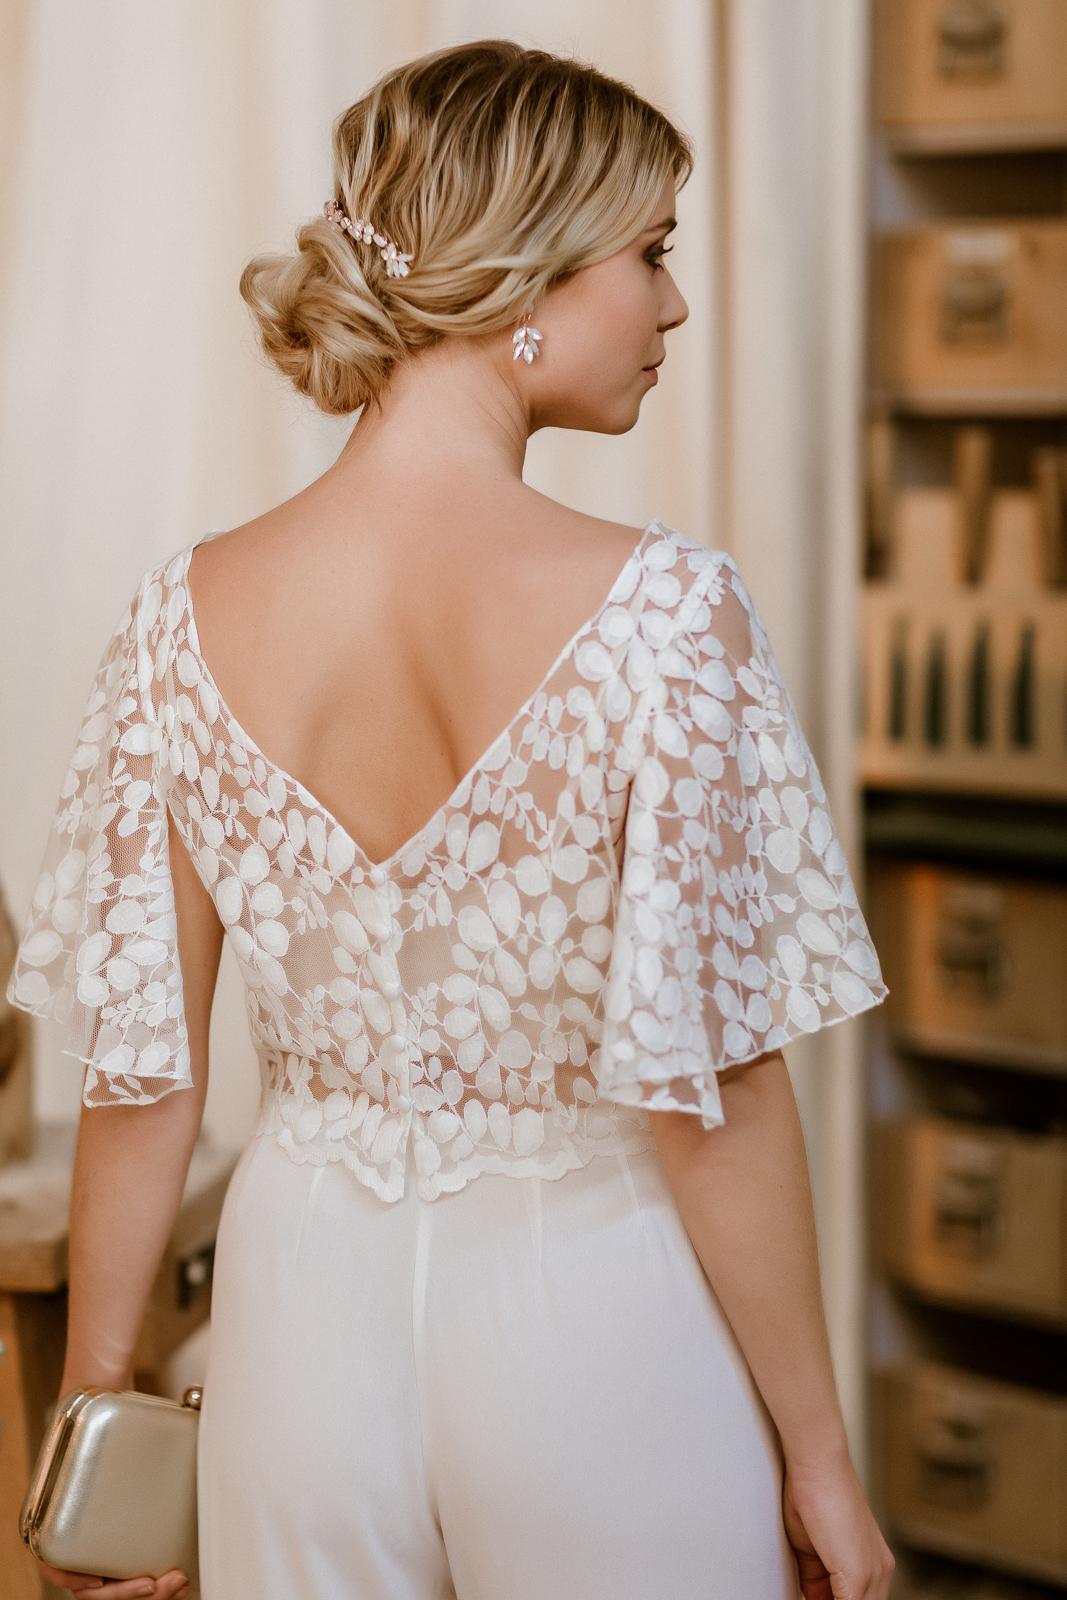 Brauthose und kurzes Spitzentop mit Flügelärmeln und Rückenausschnitt für zweiteiligen Hosenanzug, Rückenansicht